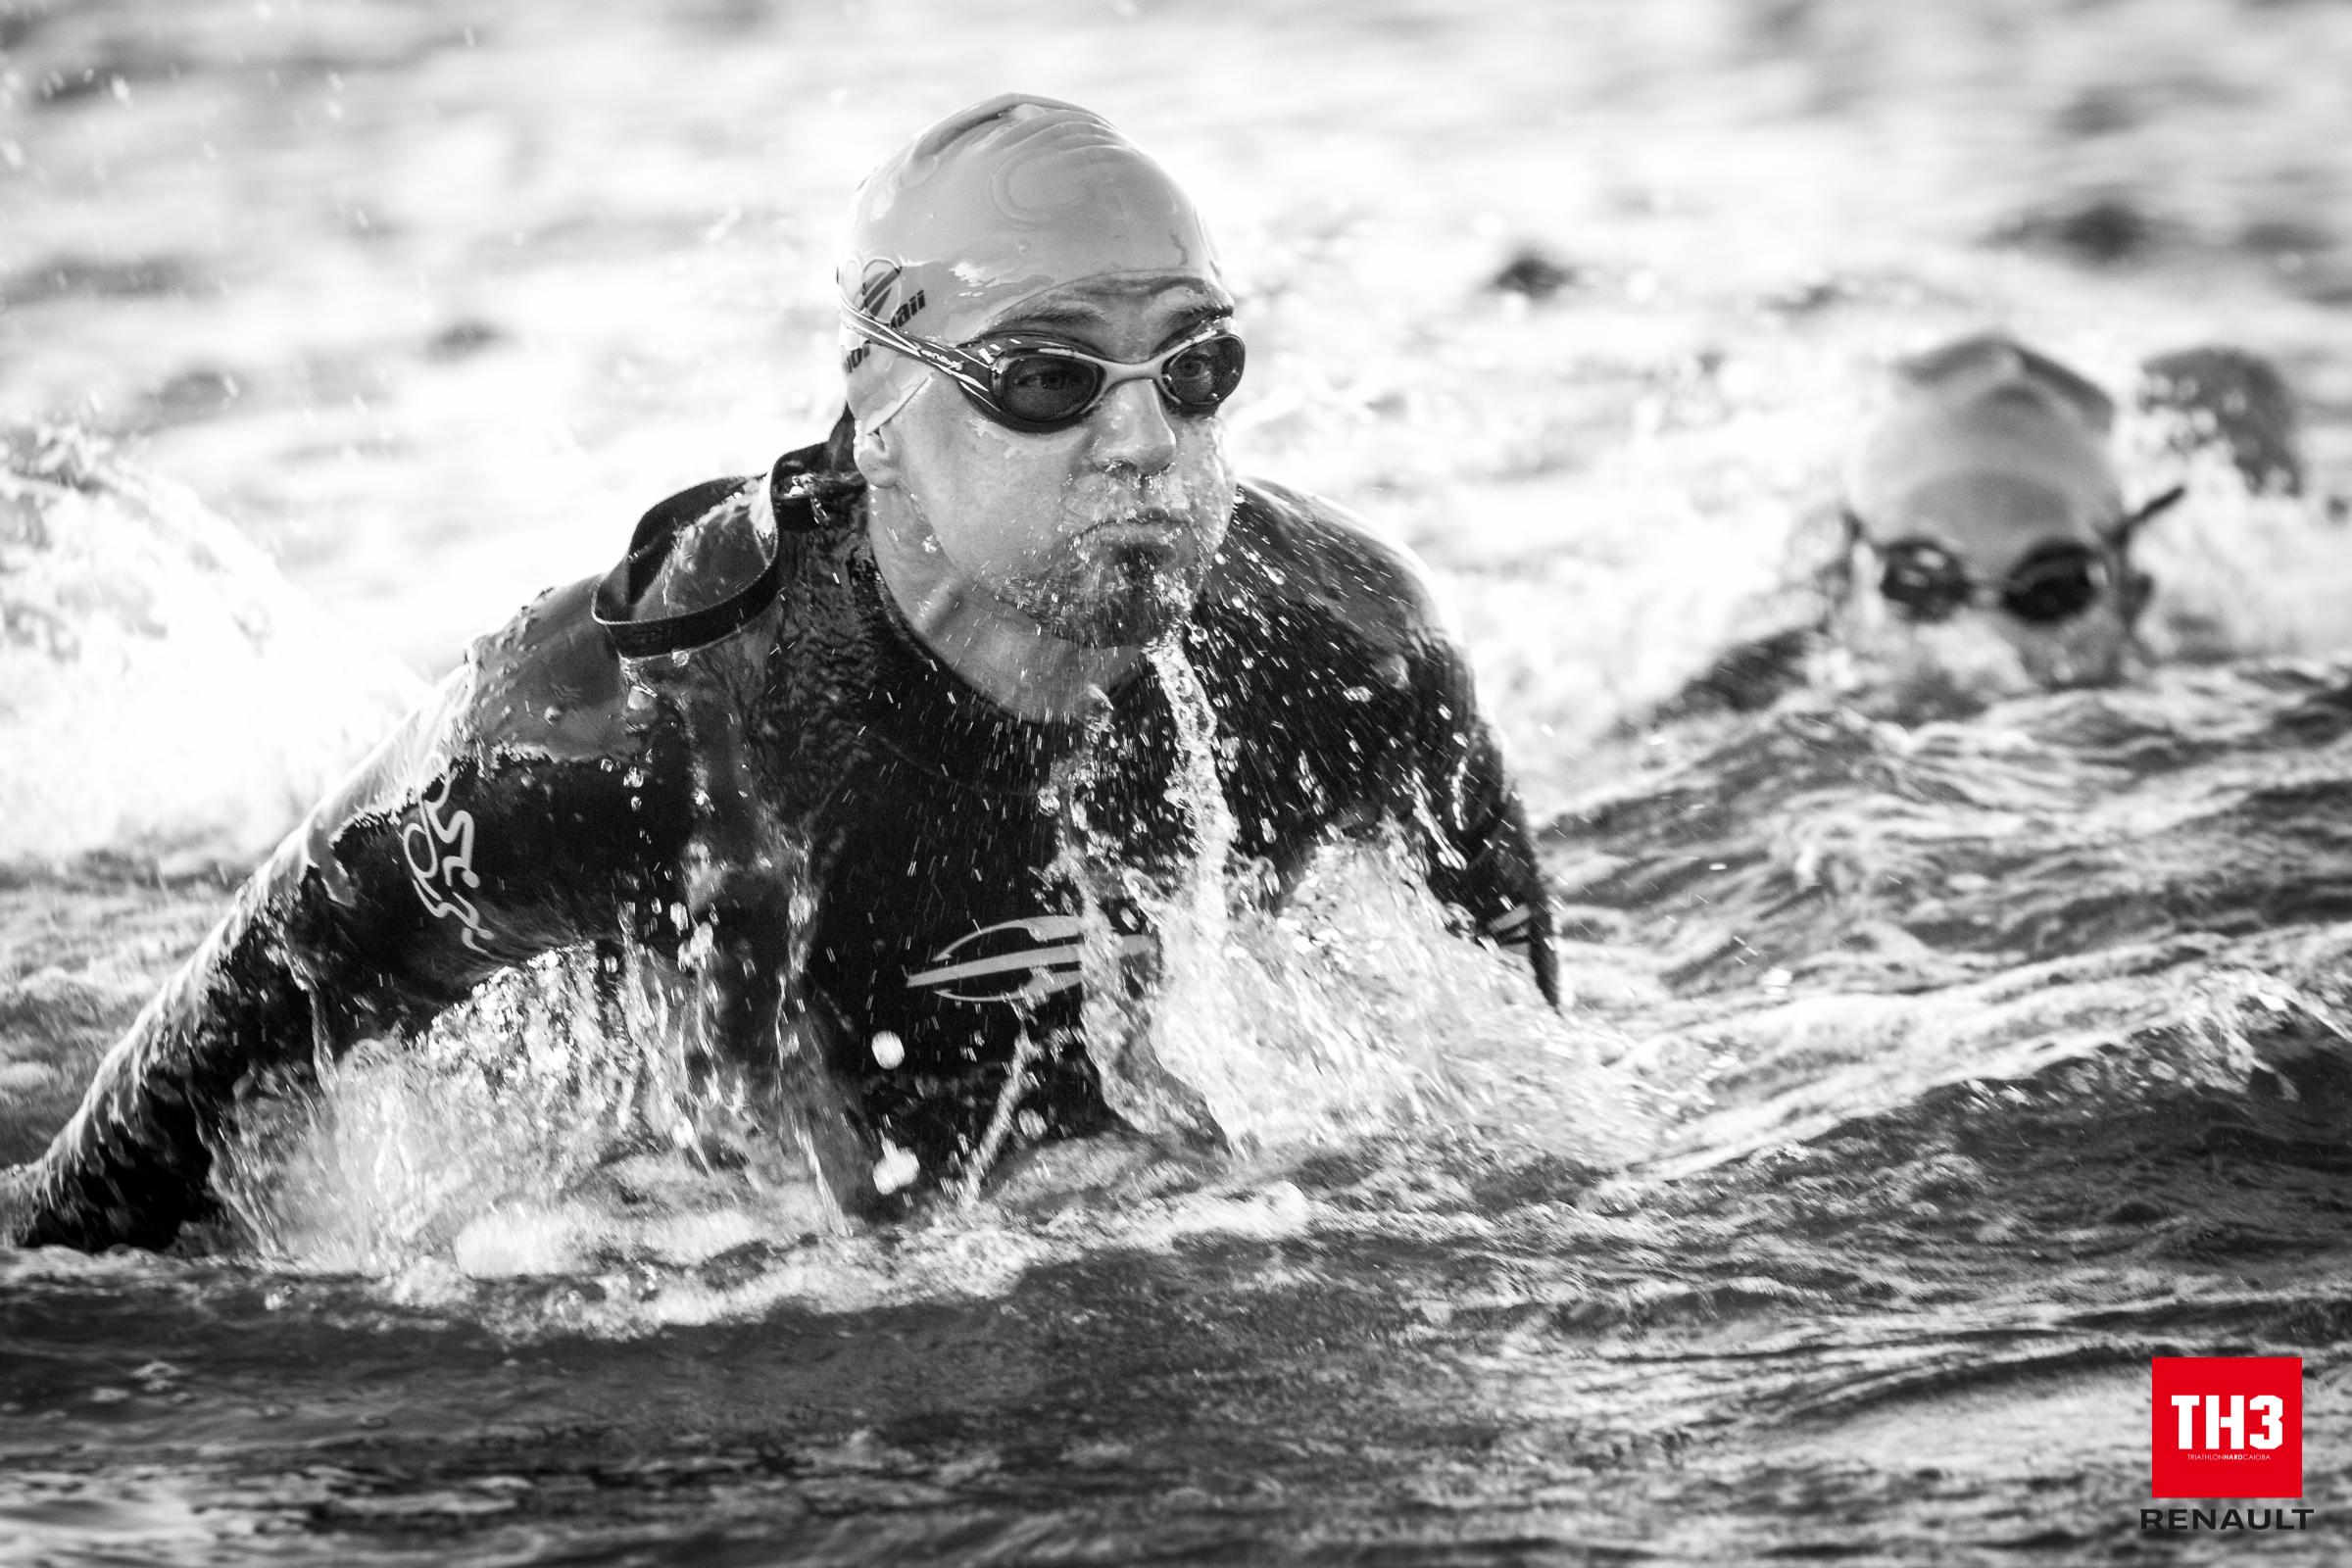 TH3 Tri Hard Triathlon